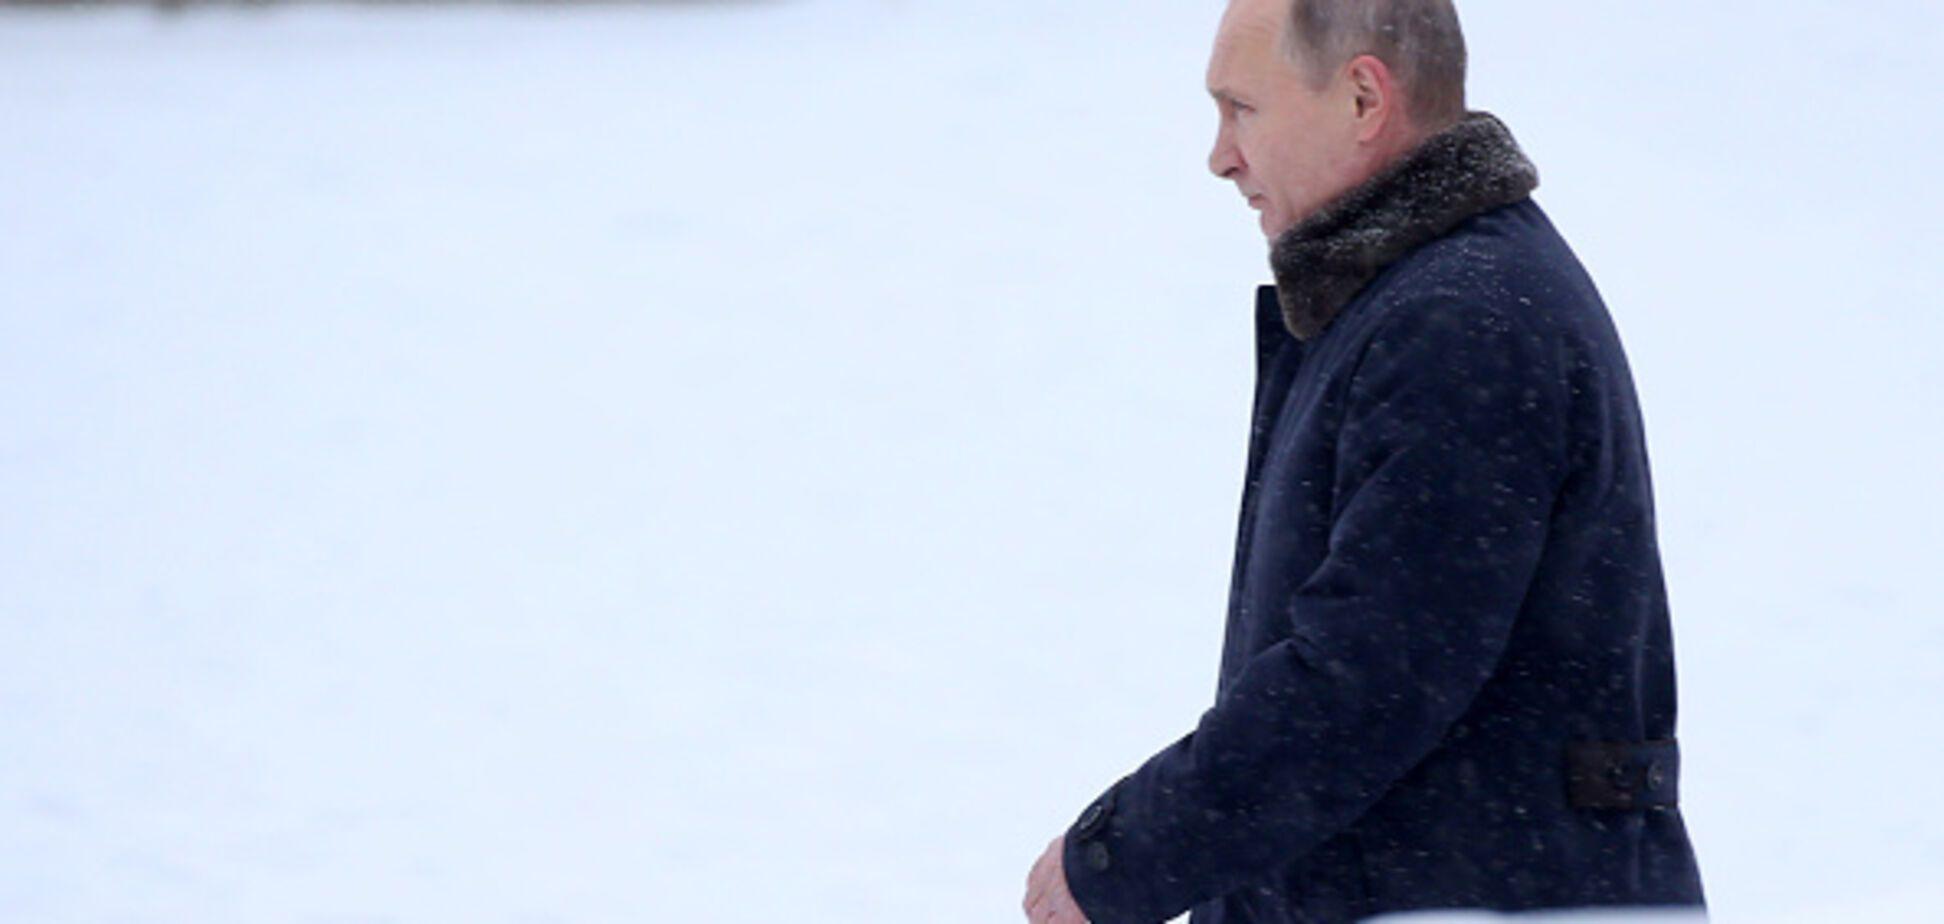 Наказание за оккупацию: во фракции Порошенко анонсировали новый удар по России